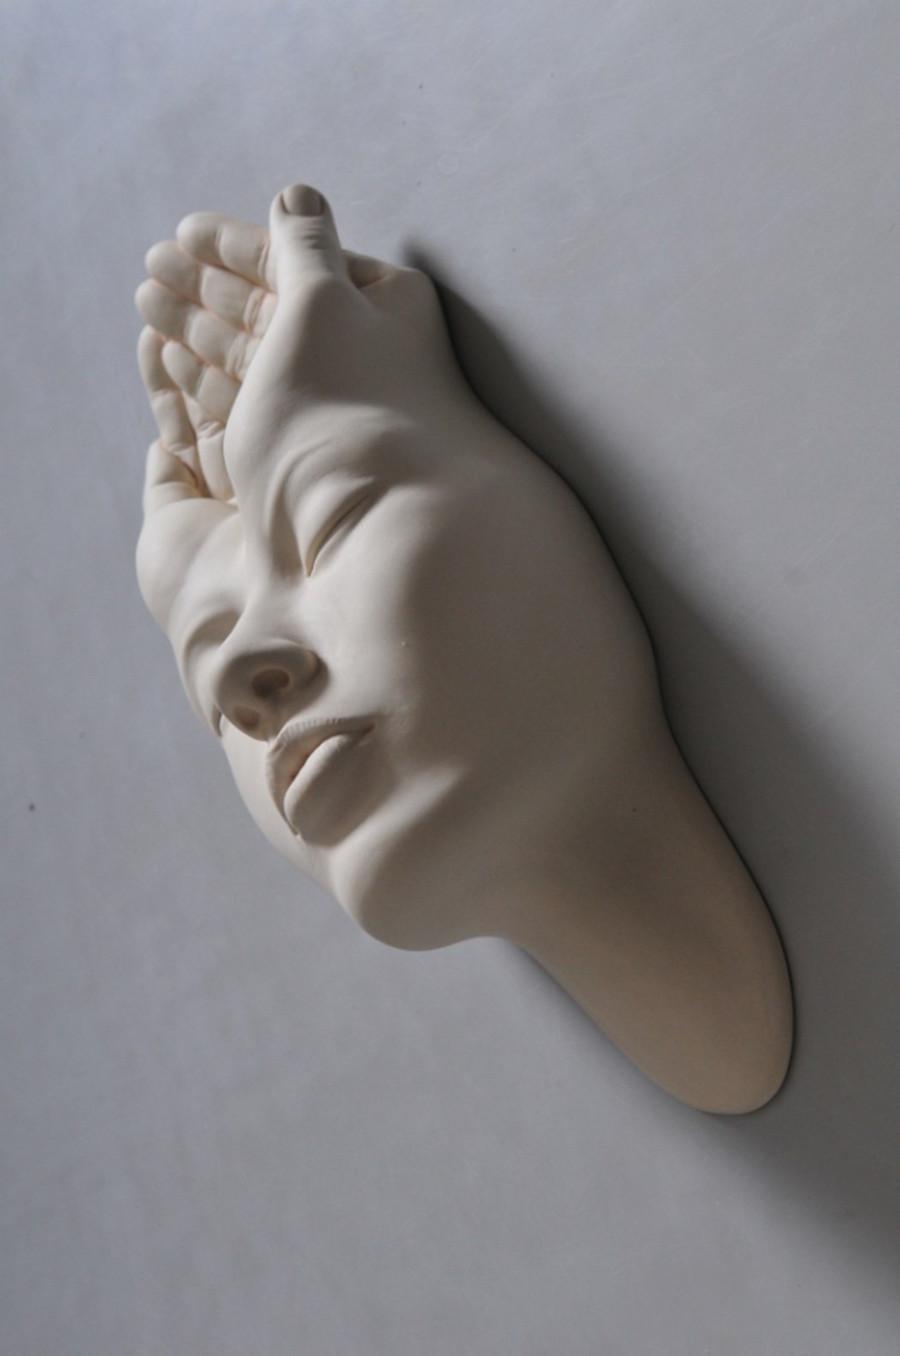 Minti deschise: Sculpturi suprarealiste din portelan - Poza 8